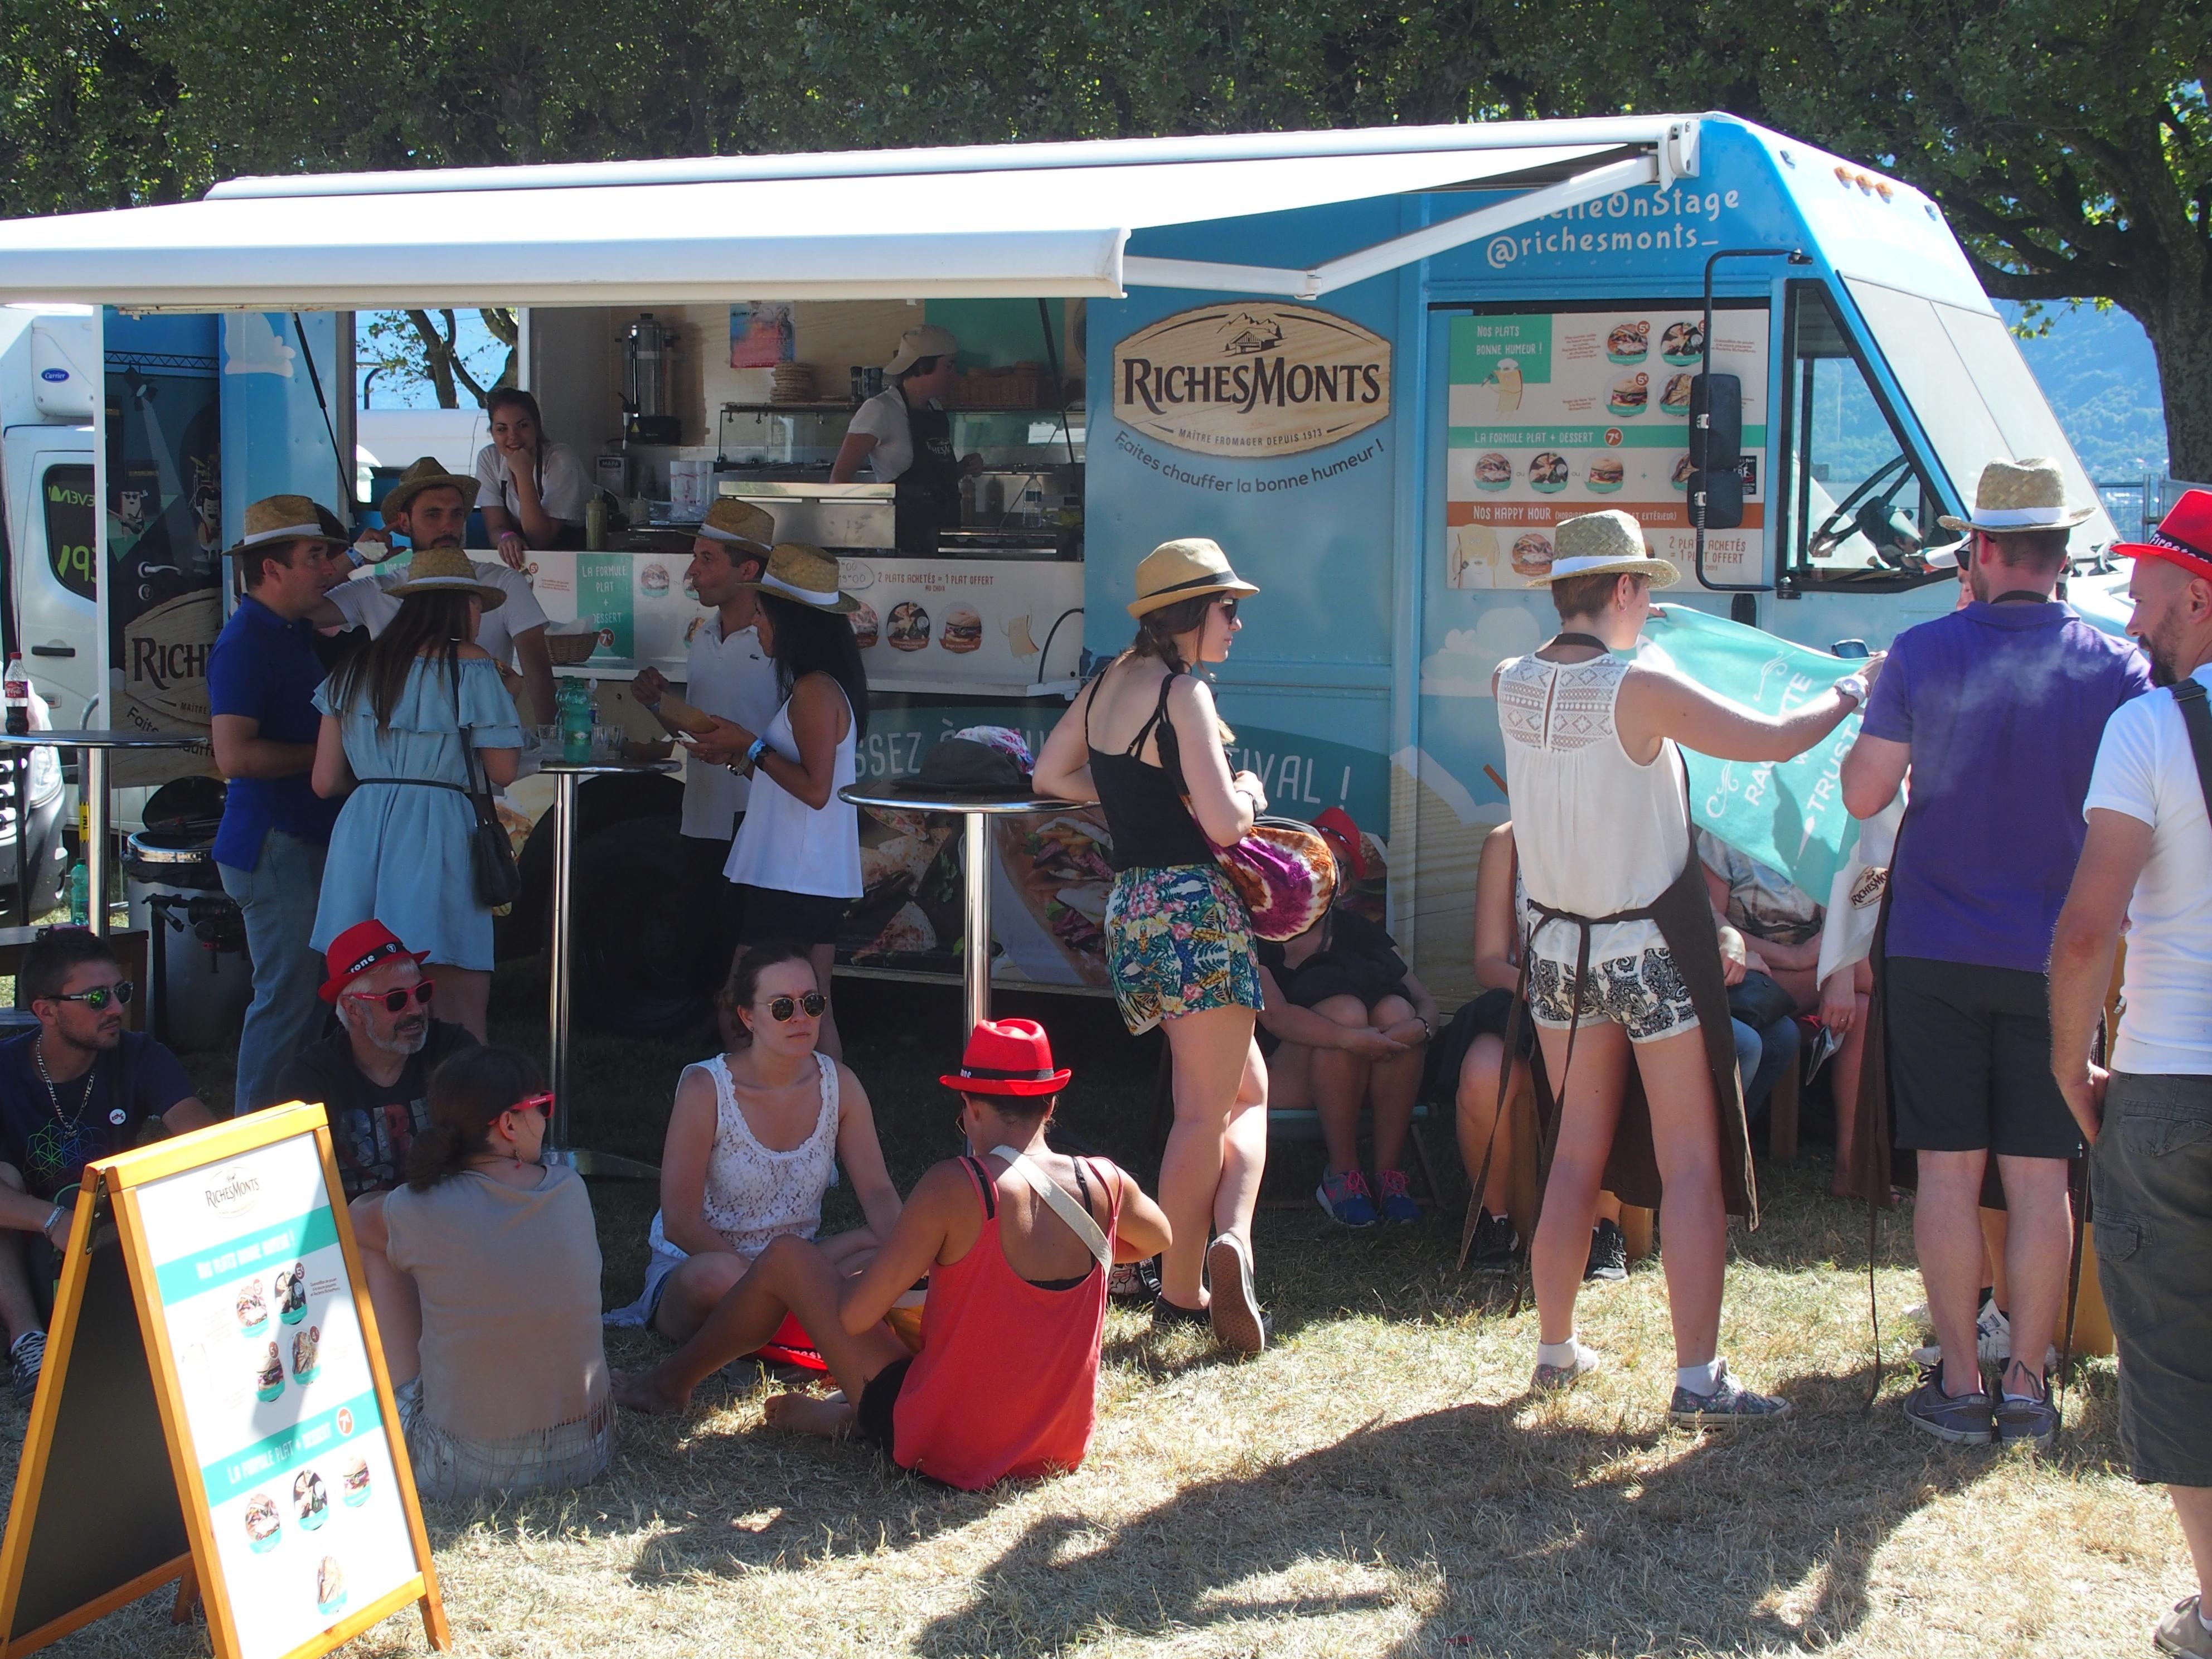 Richesmonts, d'humeur festival avec la raclette